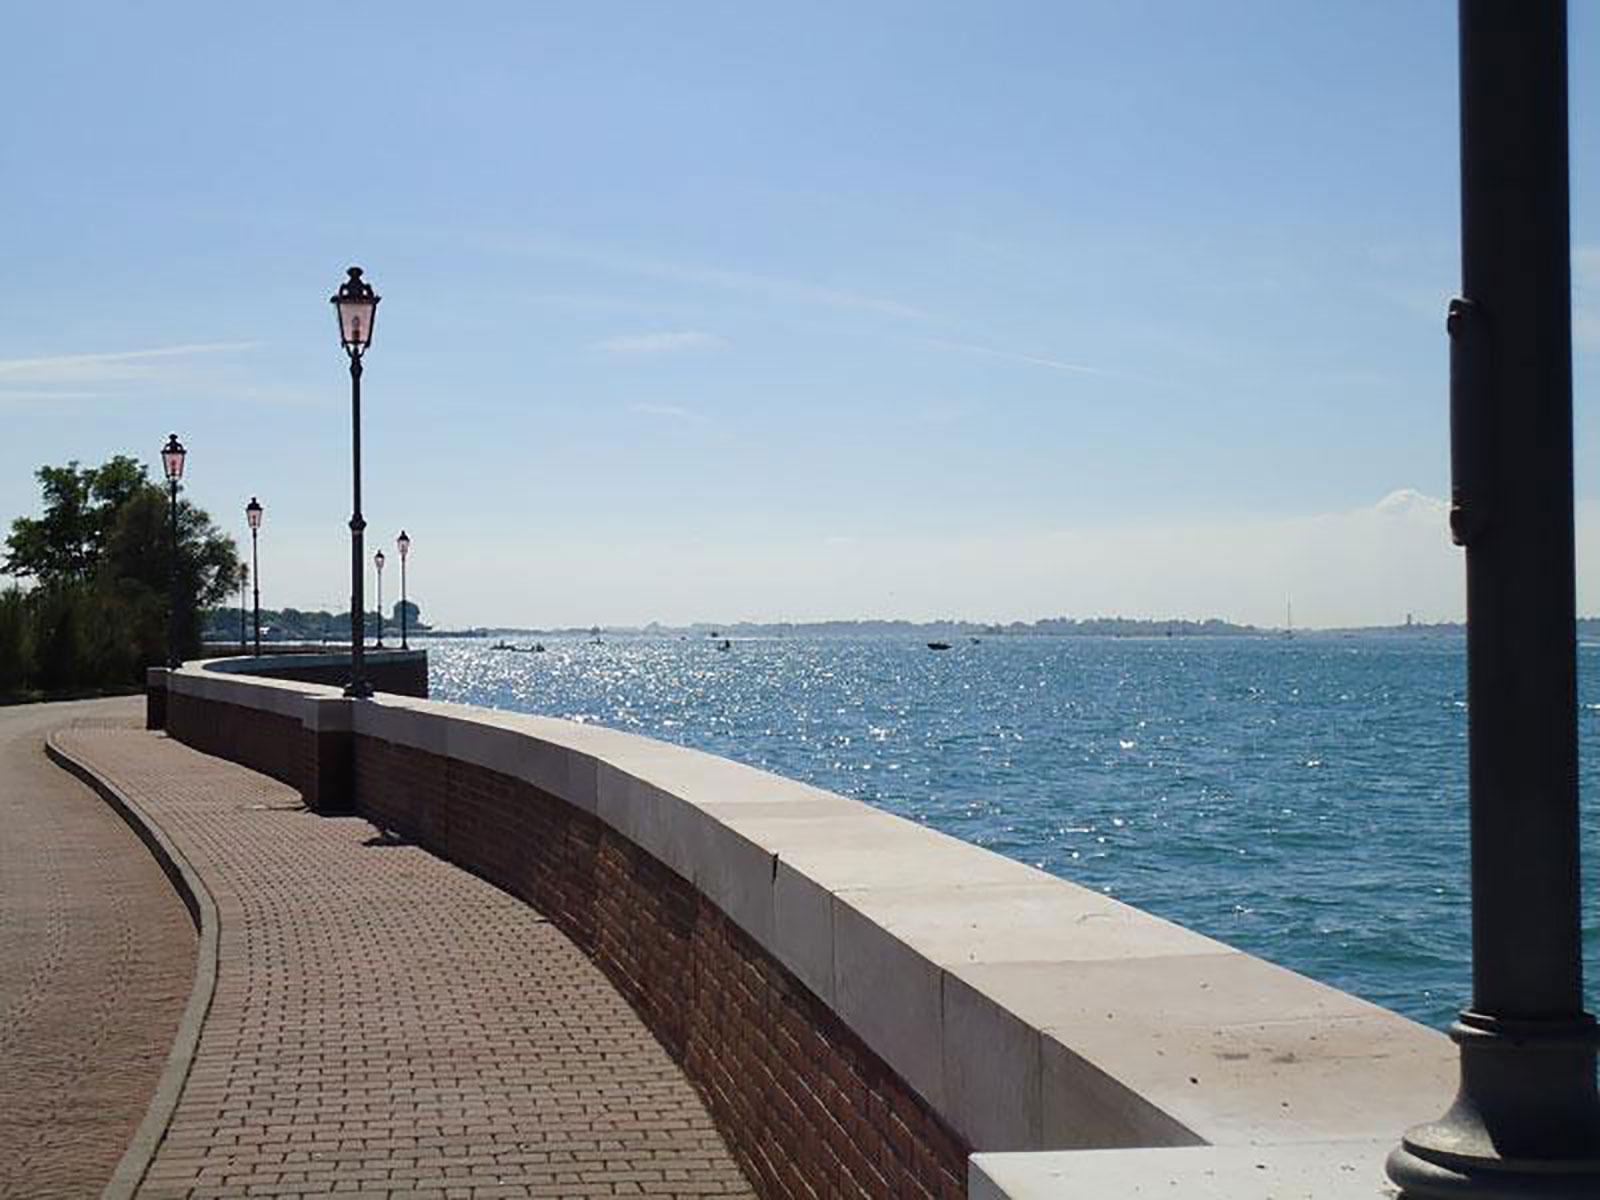 10---Passeggiare-sul-mare-a-Cavallino-Treporti